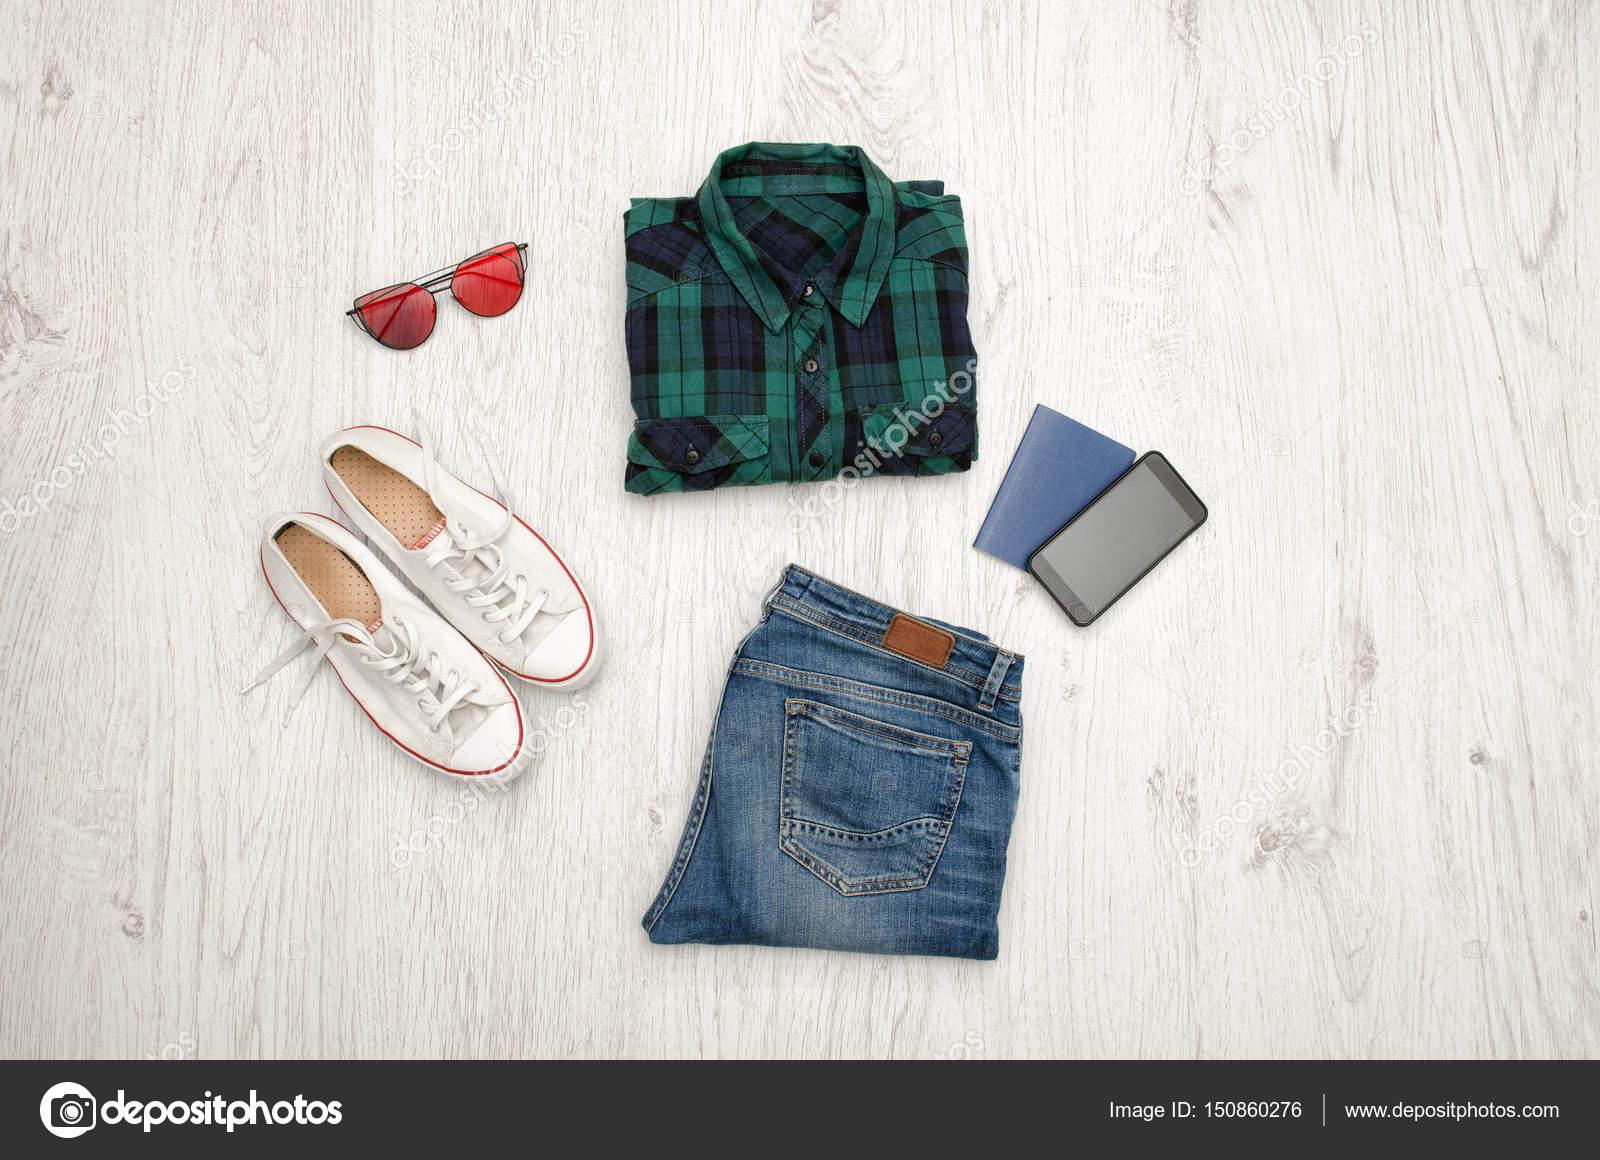 Groen Geruit Overhemd.Blauw Groen Geruit Overhemd Bril Sneakers Jeans Telefoon En